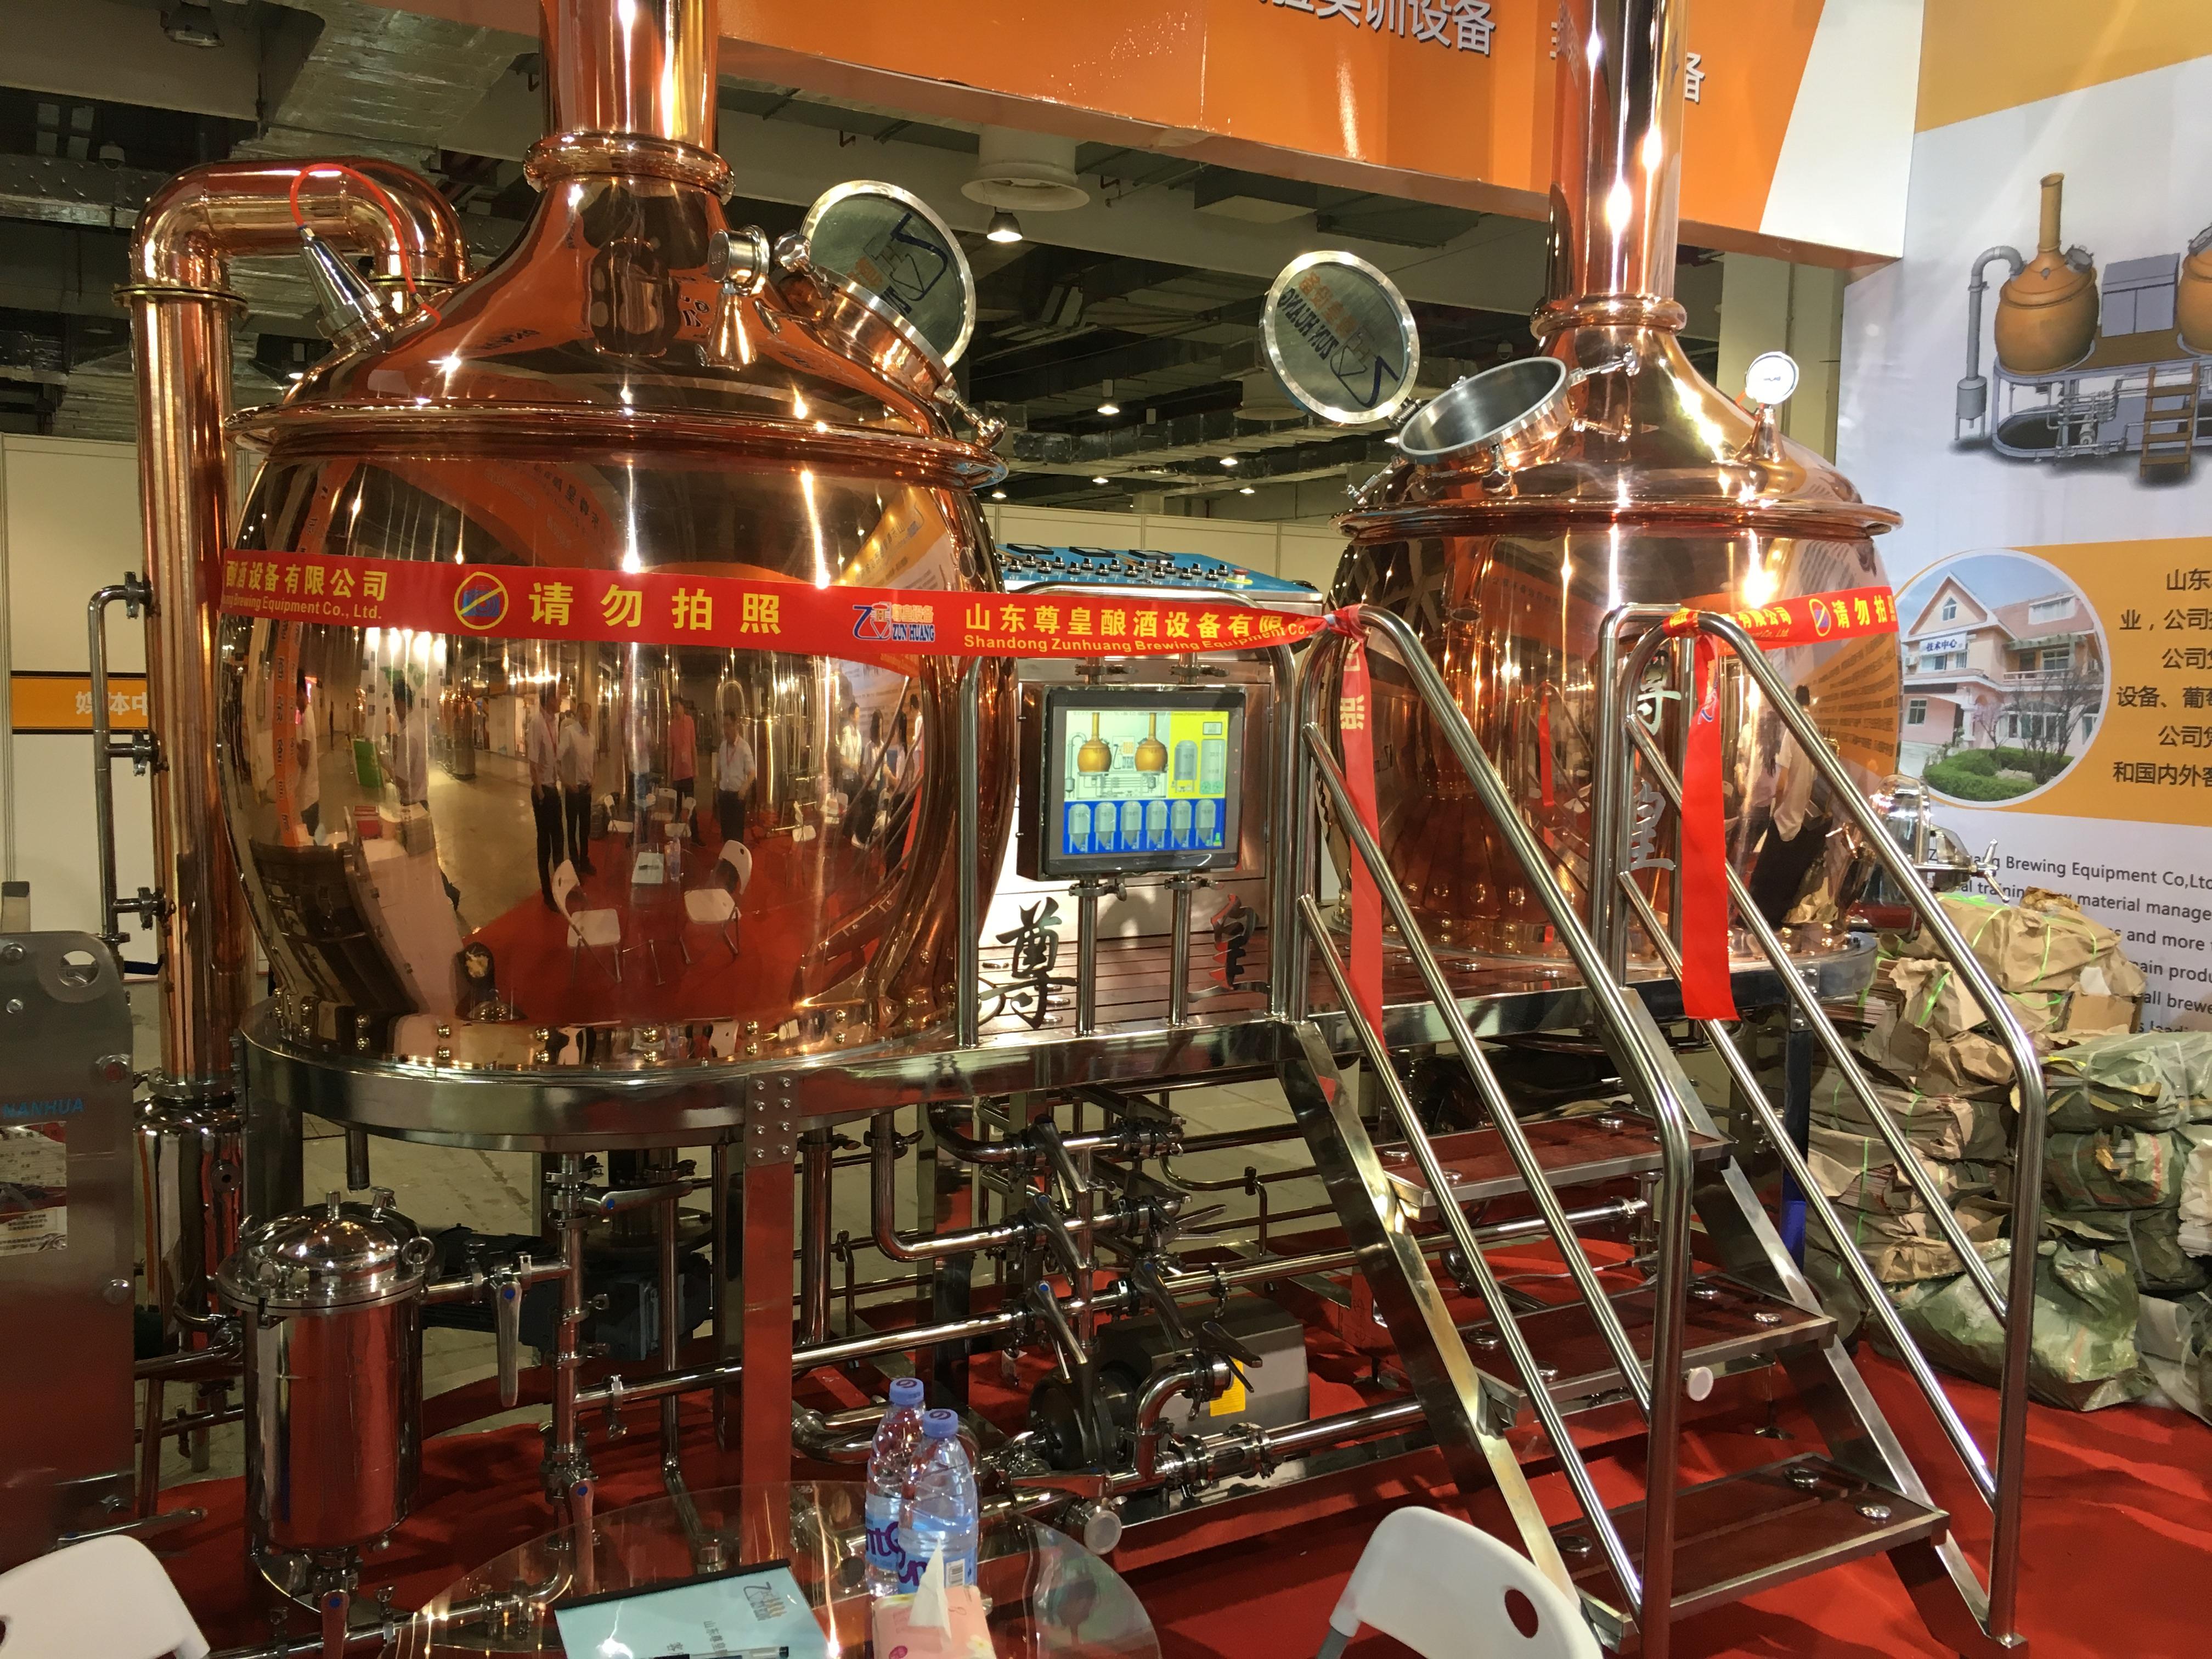 शिल्प बियर लाल तांबे टैंक का इस्तेमाल किया वाणिज्यिक बीयर शराब की भठ्ठी पक उपकरण